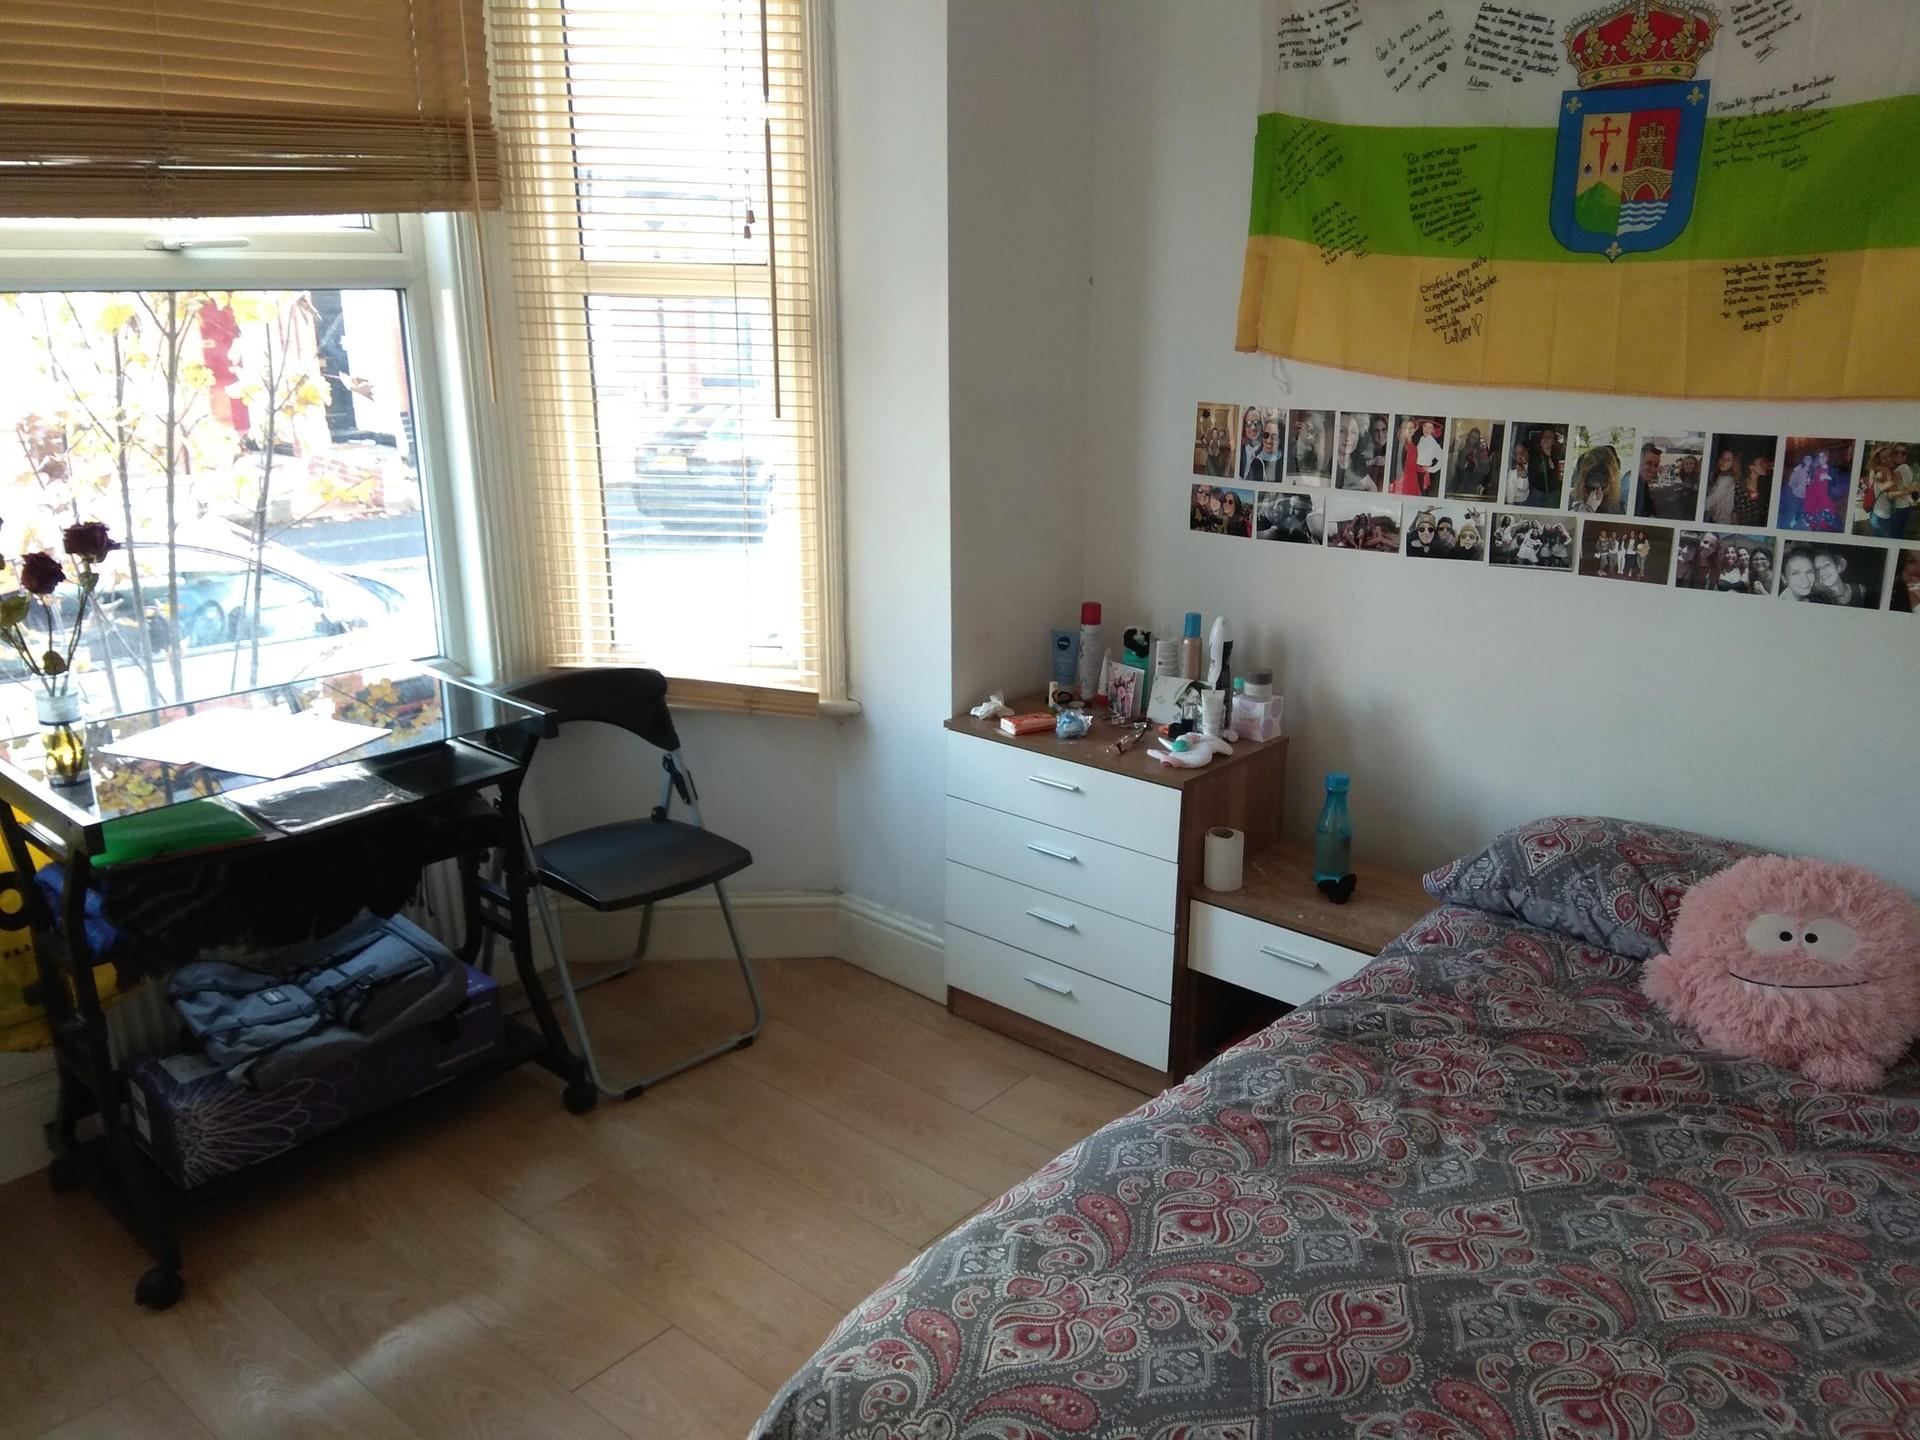 student-room-fallowfield-f7af370c681b3da7402c6da1bb701e5a